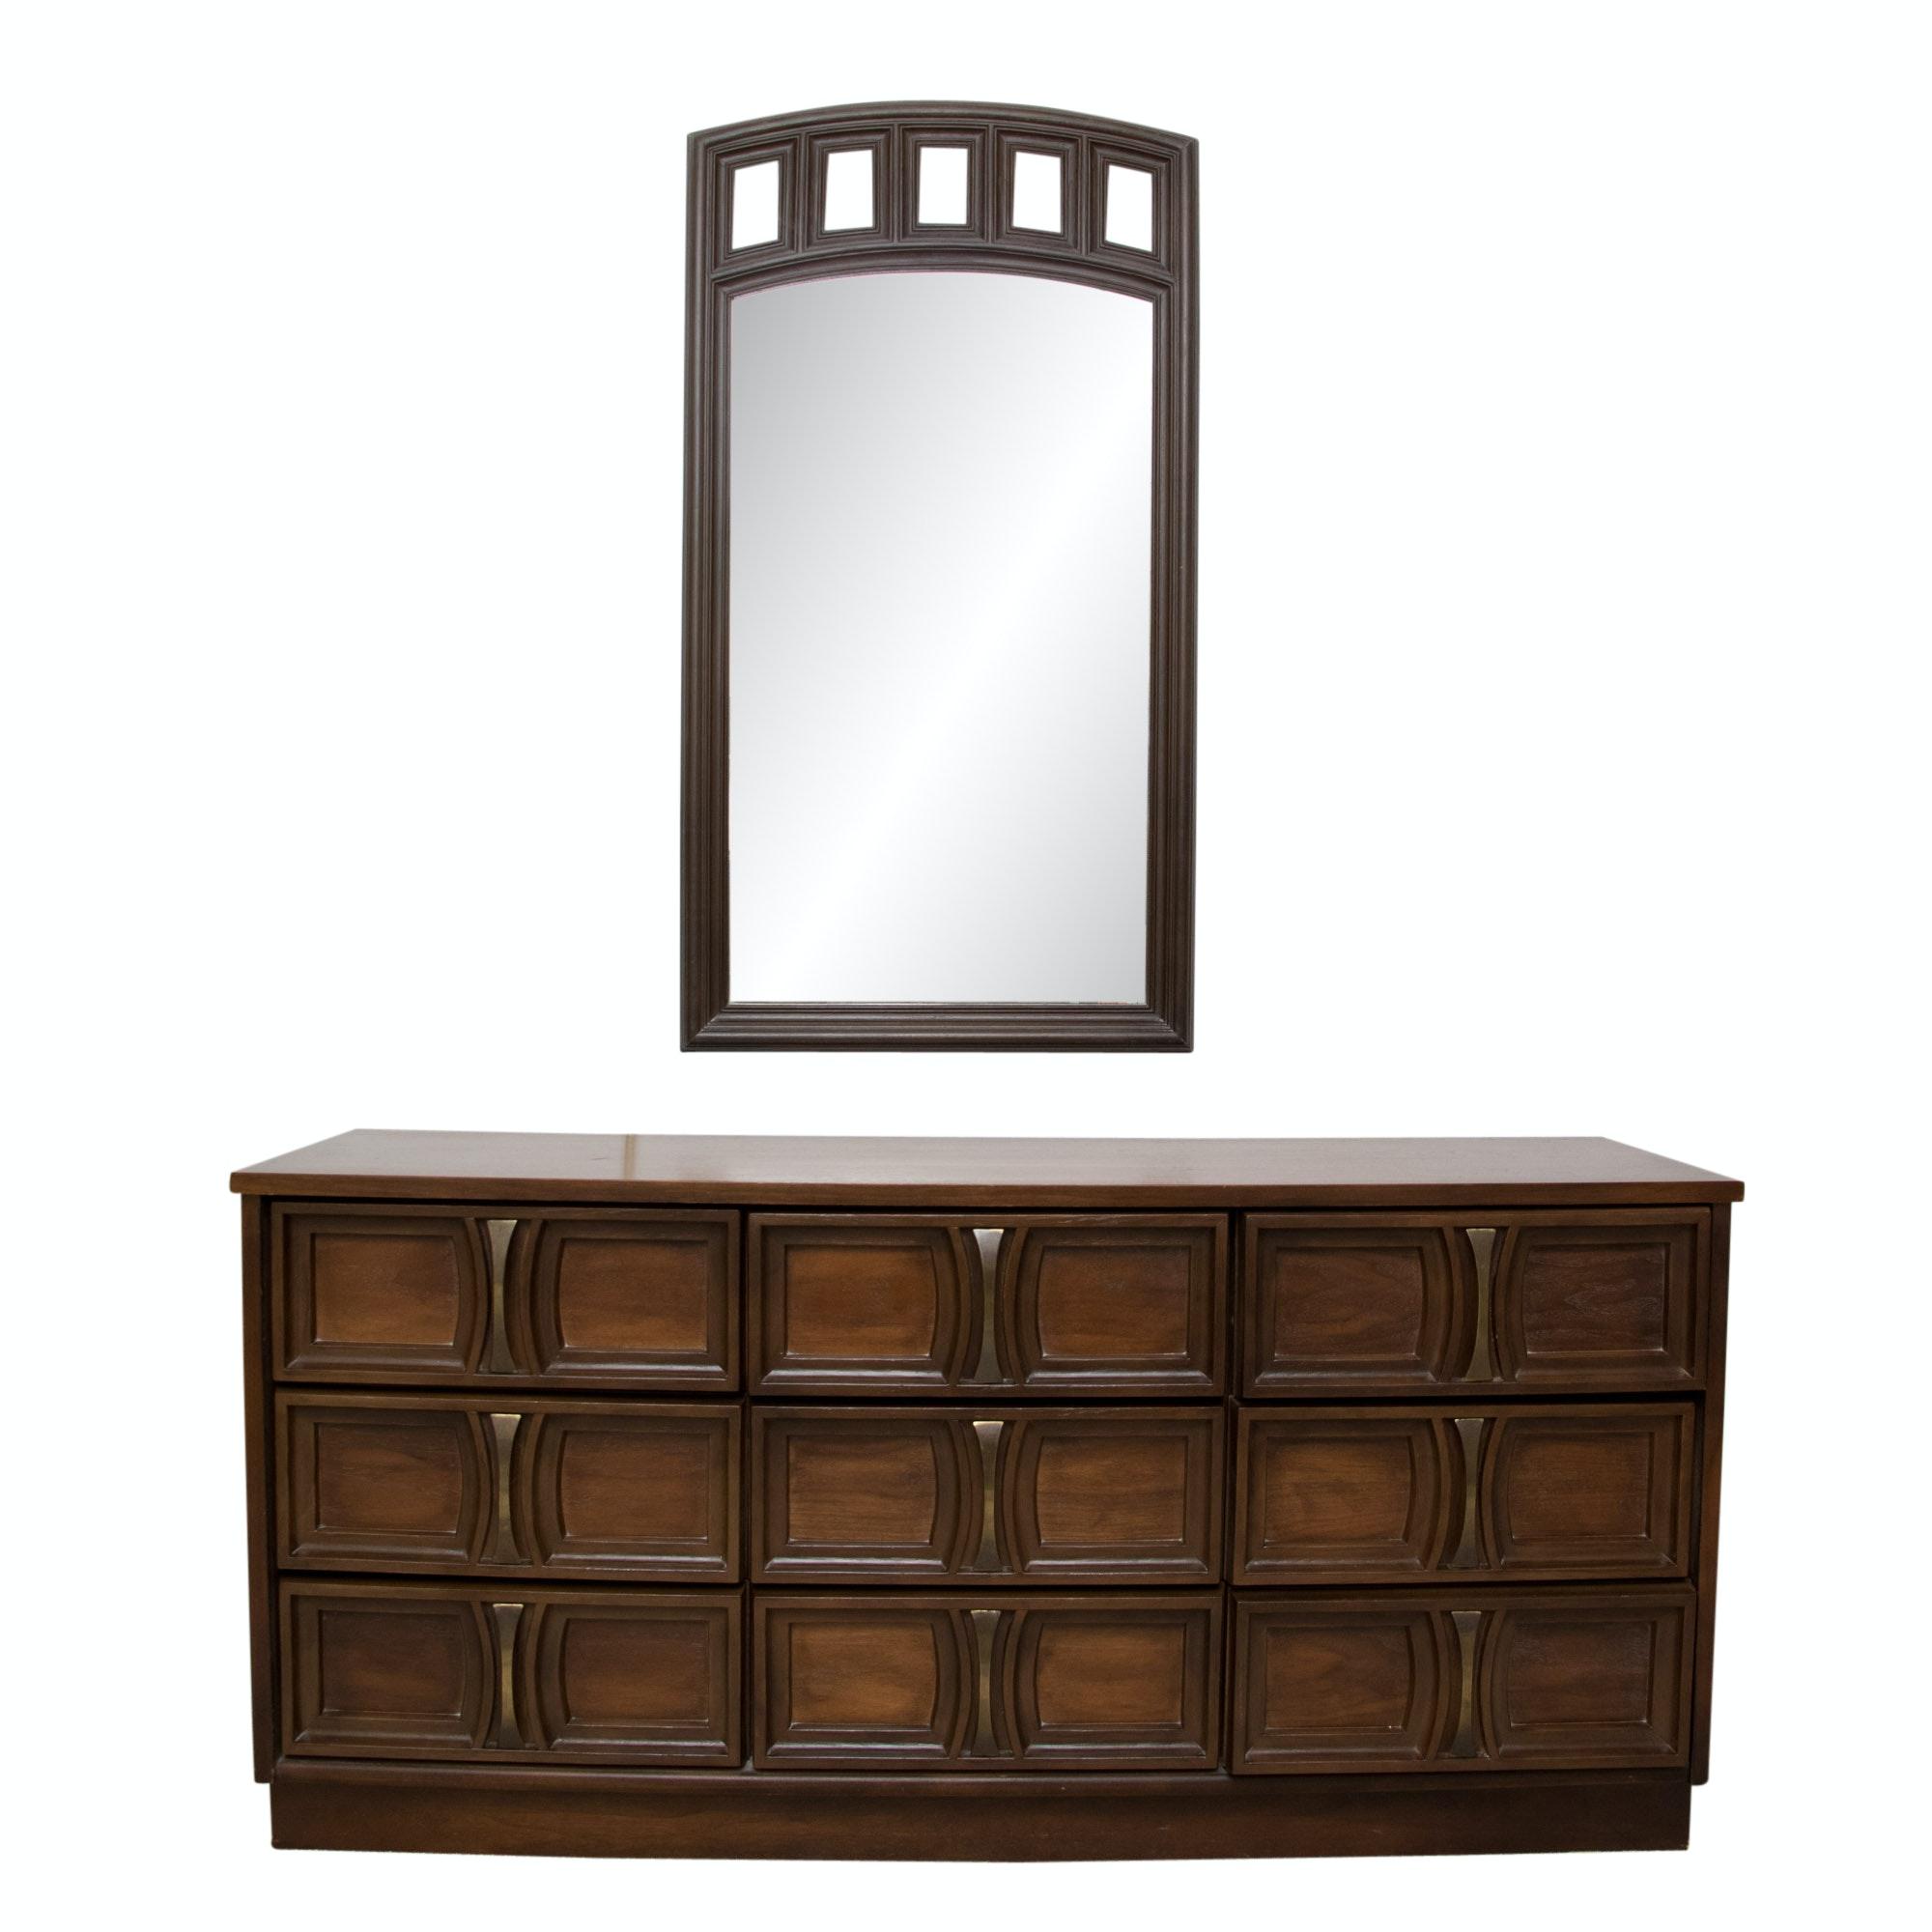 Mid Century Modern Dresser and Mirror